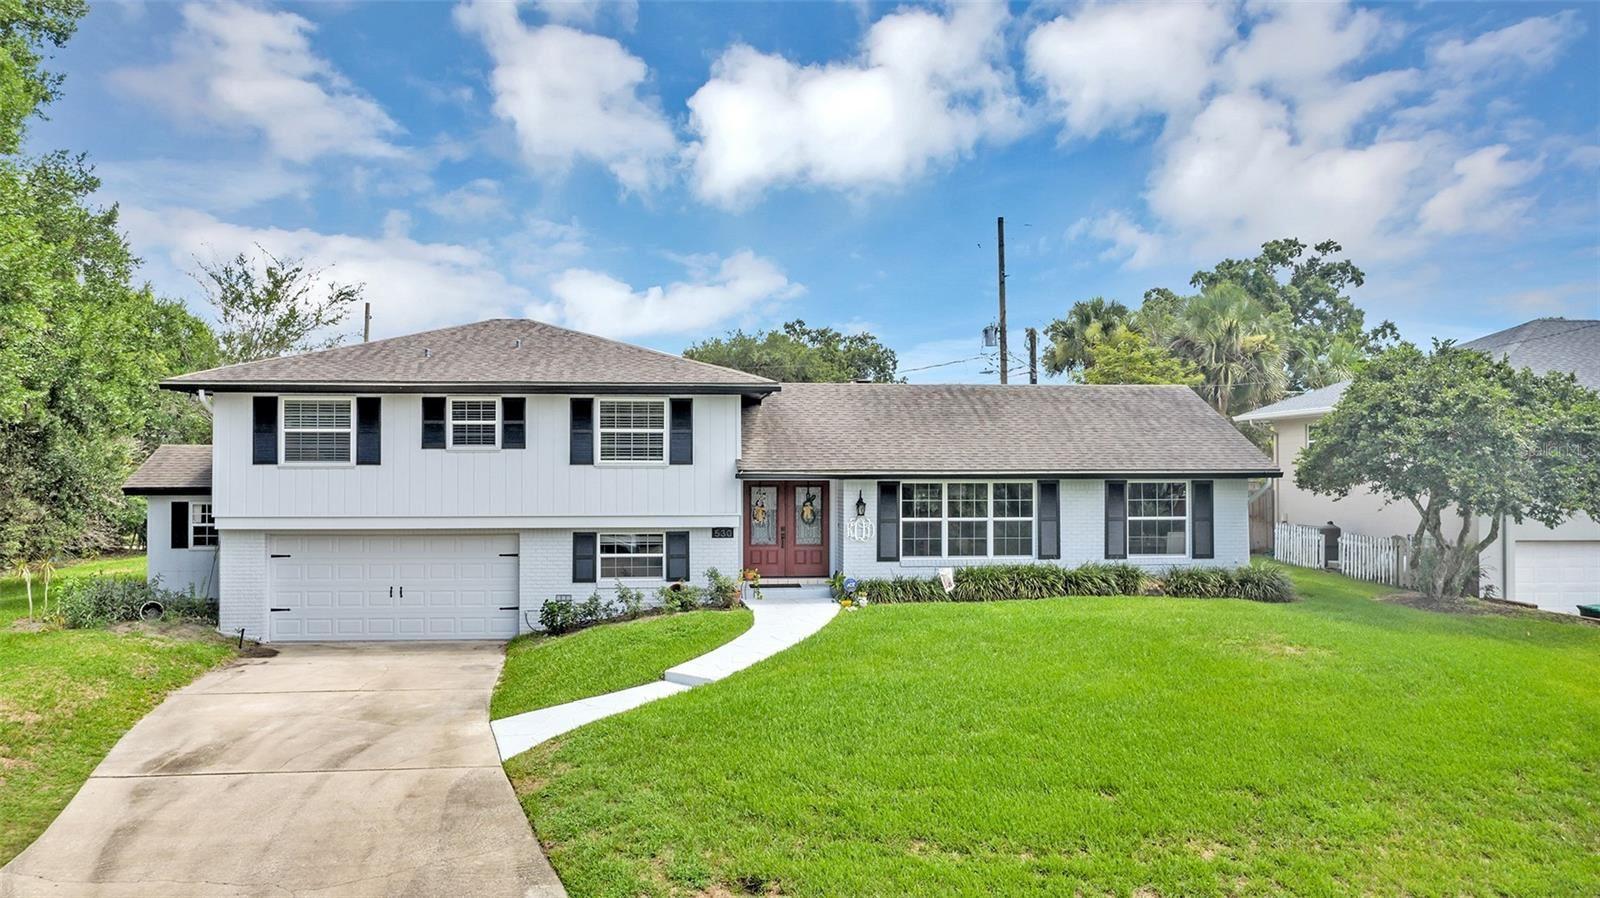 530 CLAIRE STREET, Orlando, FL 32806 - #: O5953802